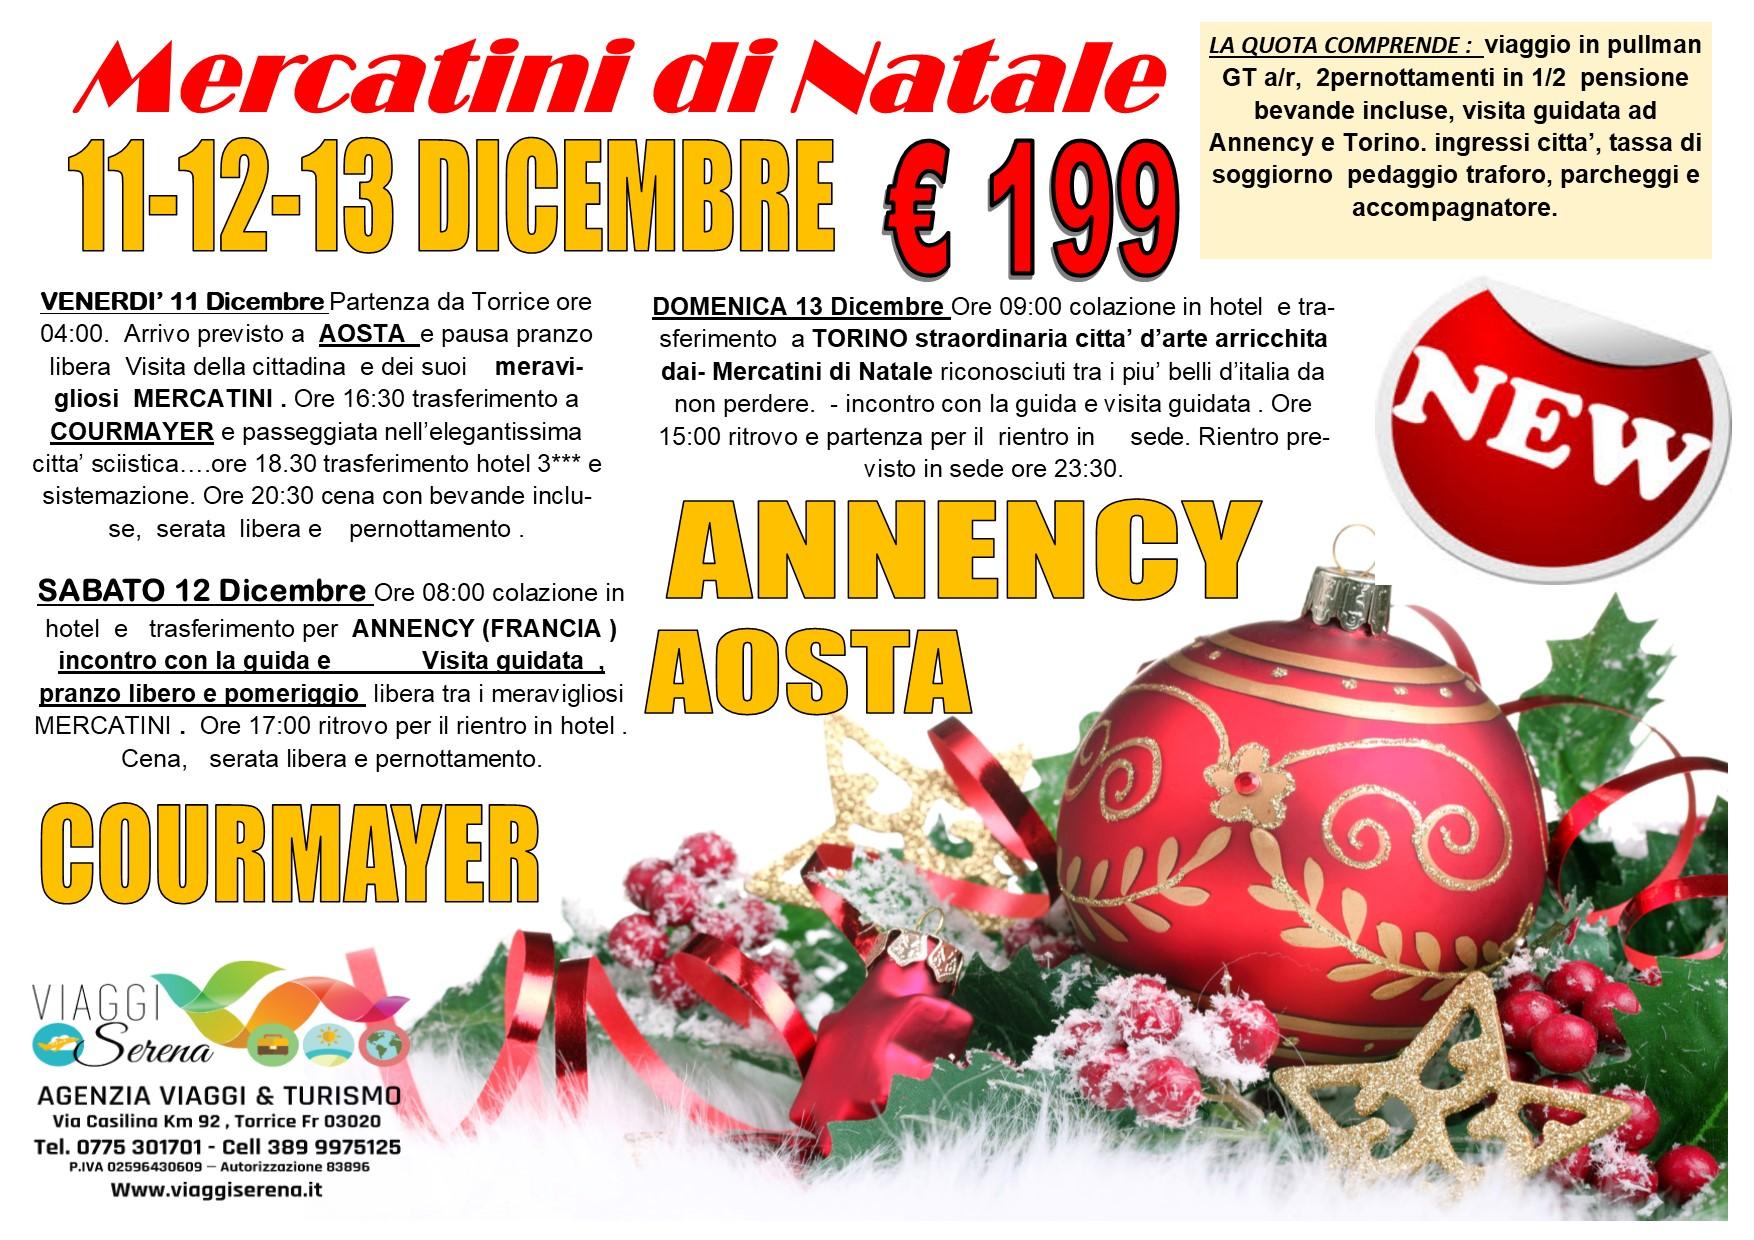 Viaggi di Natale:  Aosta , Annency & Courmayer 11-12-13 Dicembre  € 199,00